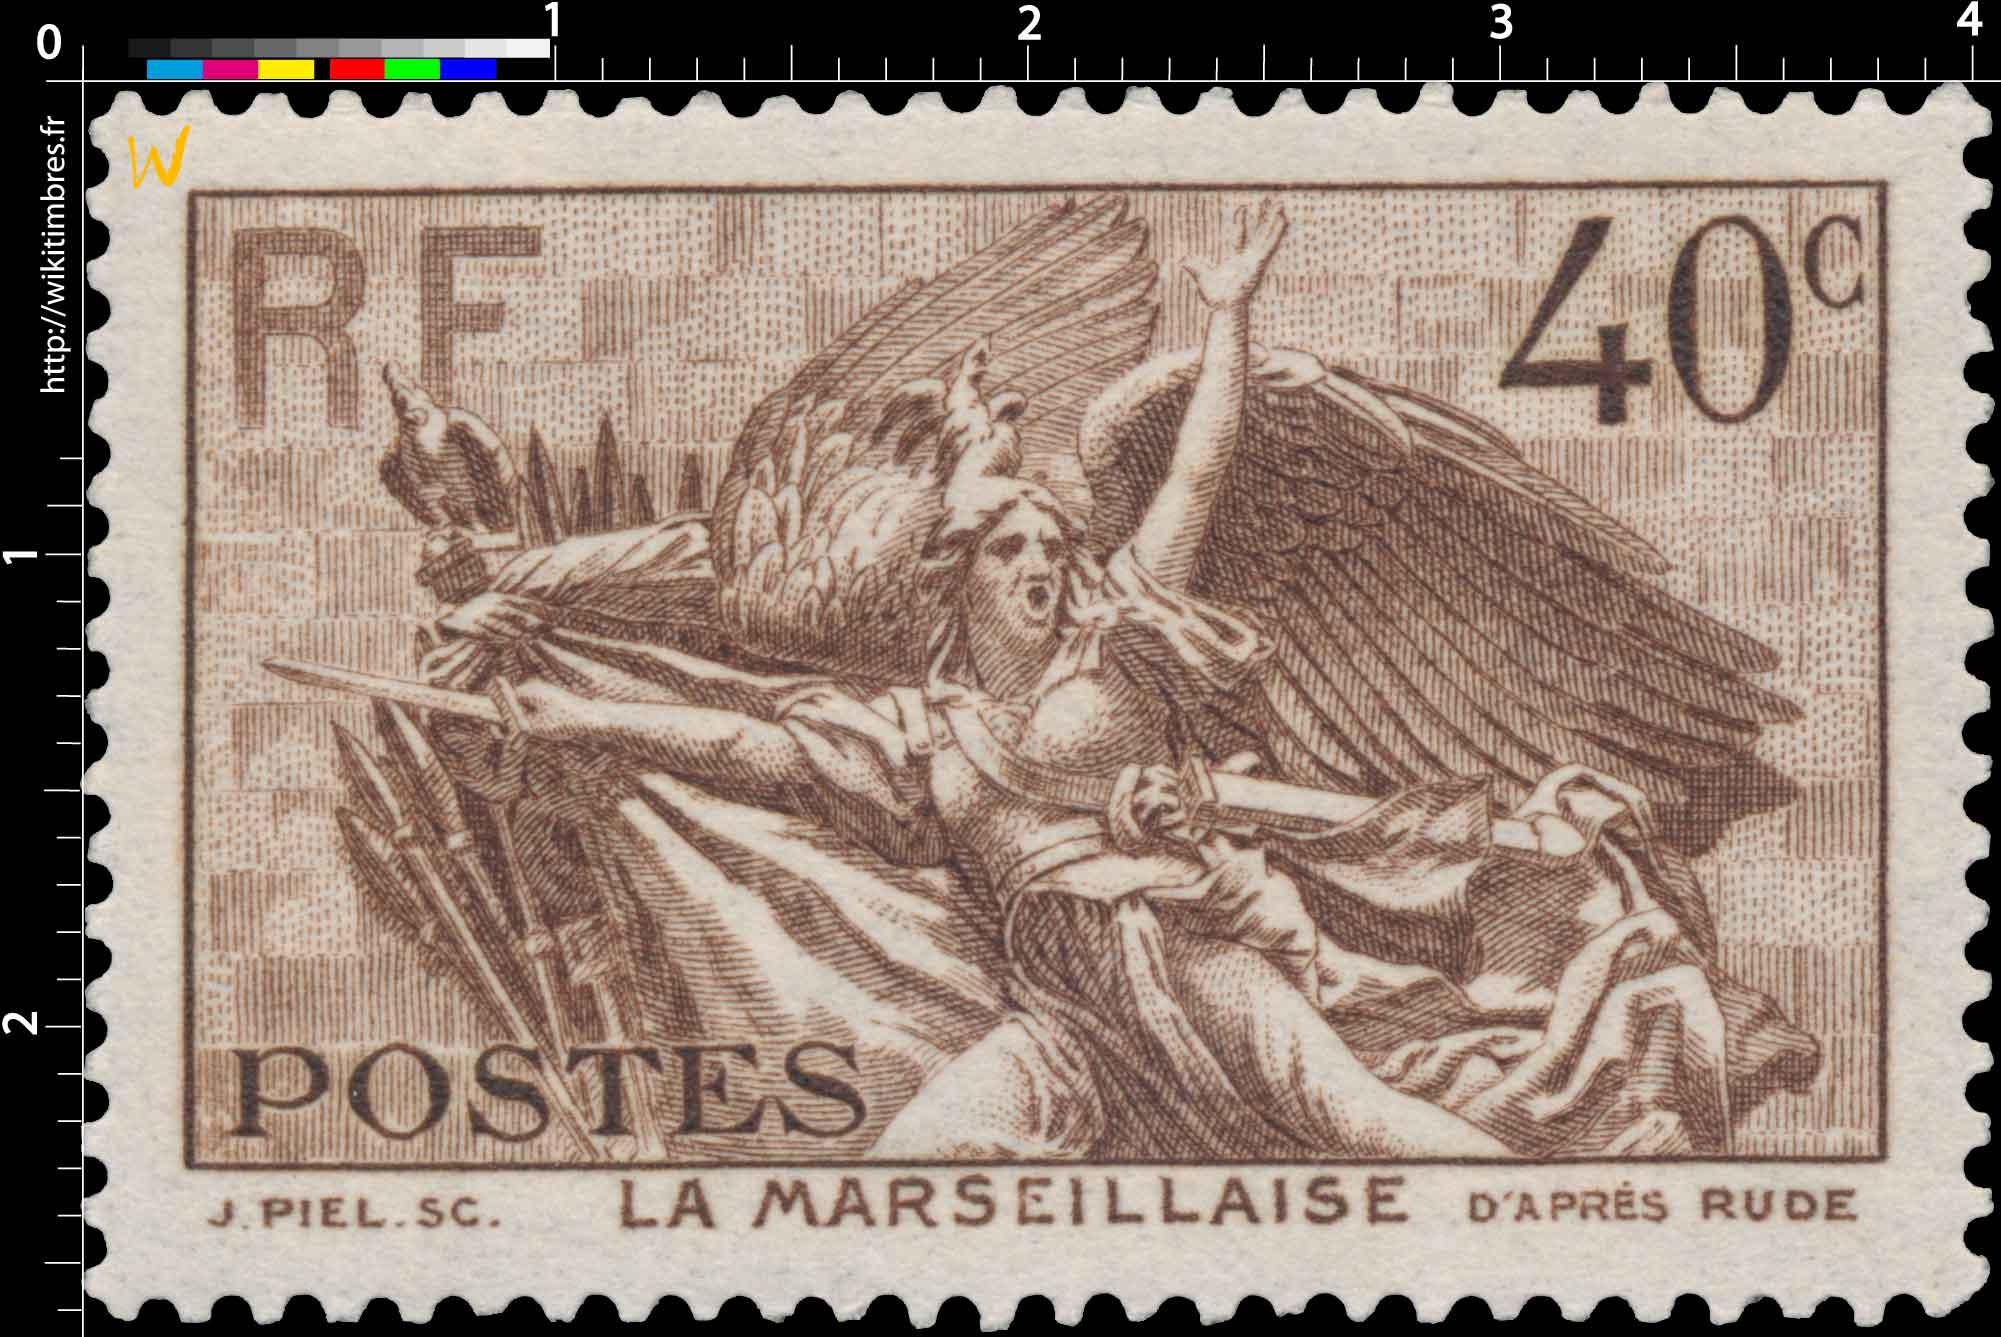 LA MARSEILLAISE D'APRÈS RUDE